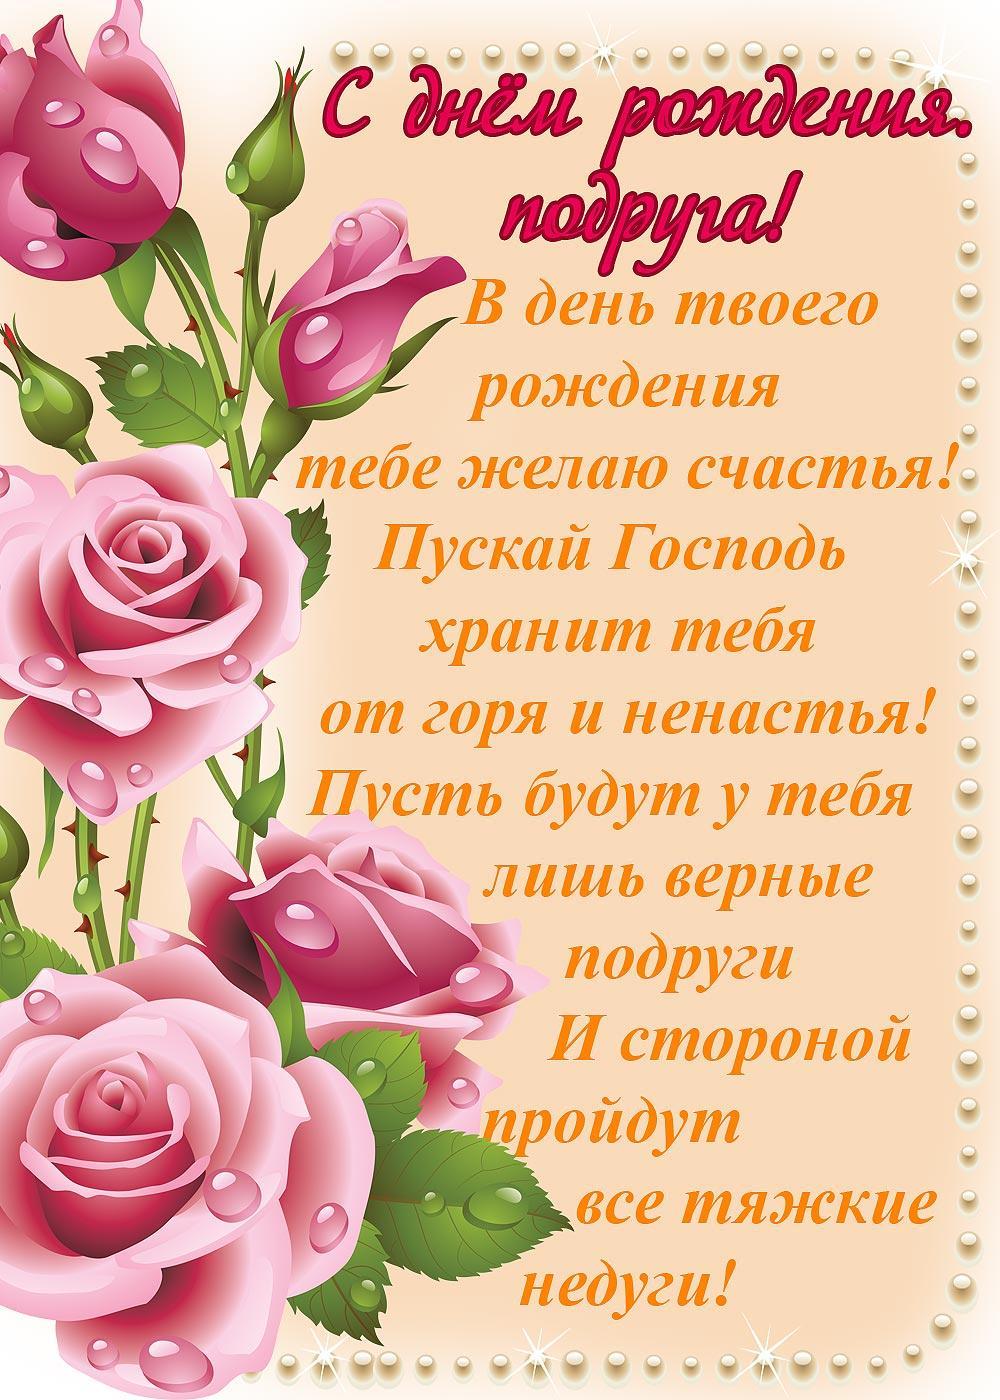 Муз открытка с днем рождения подруга